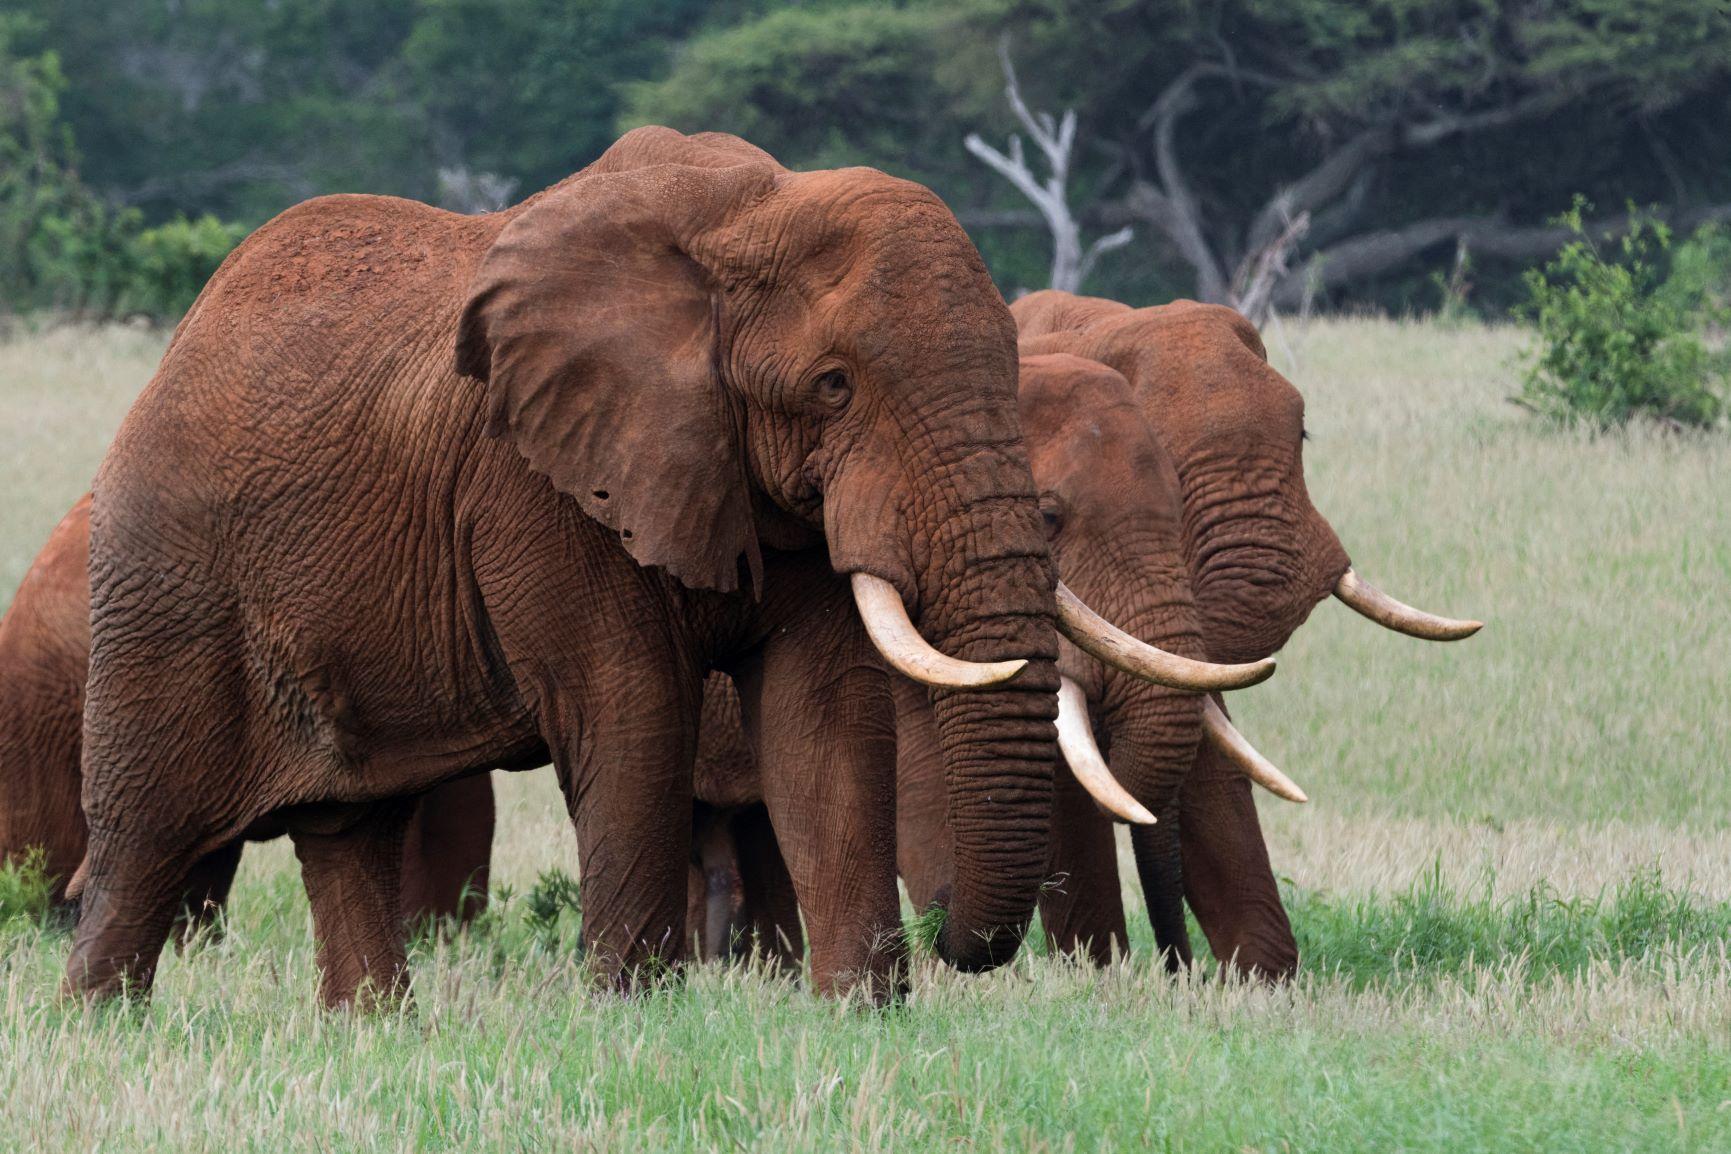 Elefantes da savana africana, maior espécie do continente: perigo de extinção por caça ilegal e perda de habitat (Foto: Sergio Pitamitz / Biosphoto / AFP)